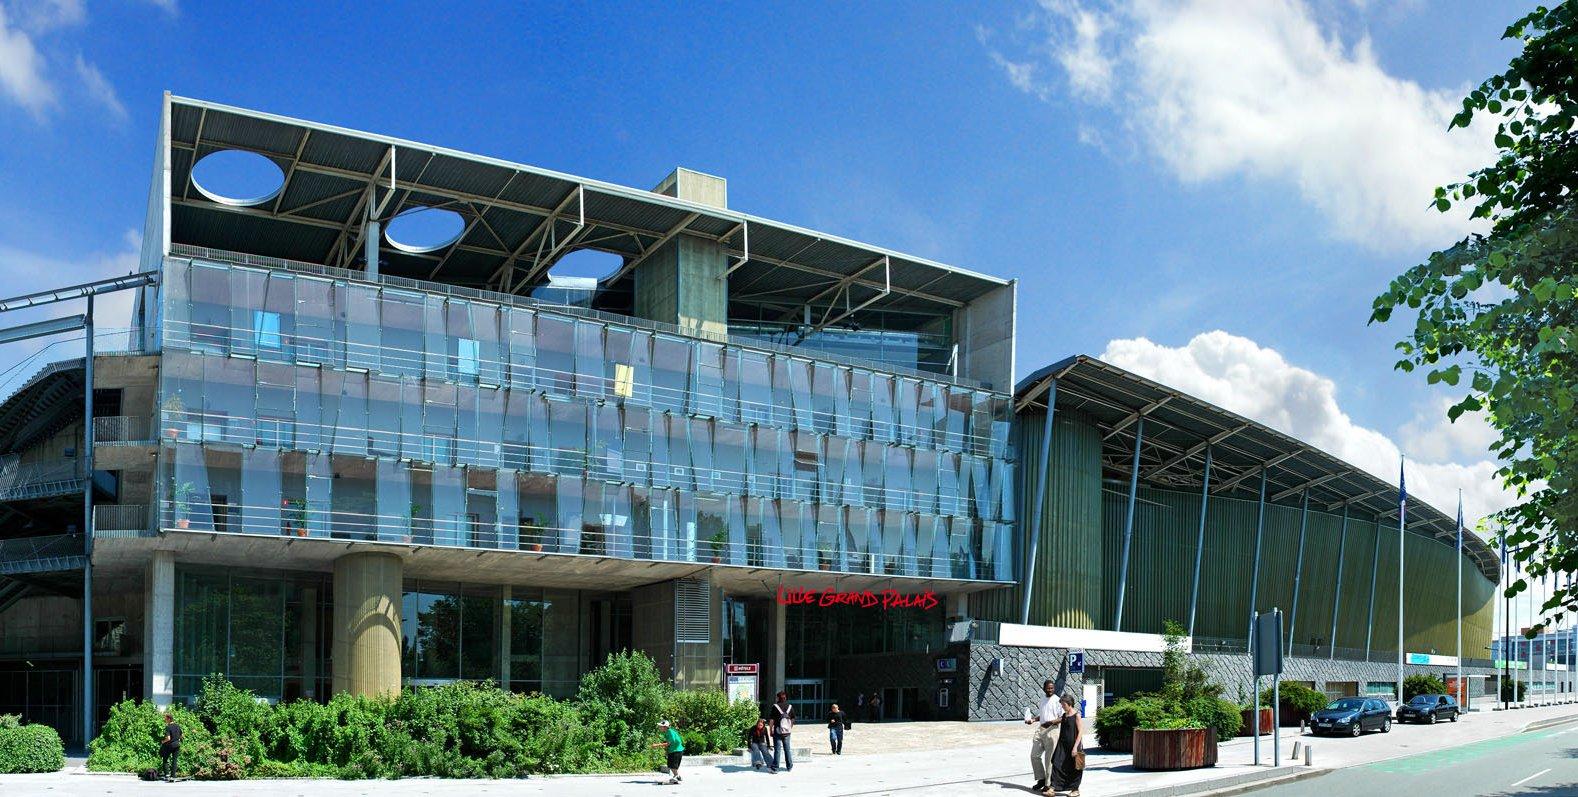 Lille grand palais artshebdom dias - Salon a lille grand palais ...